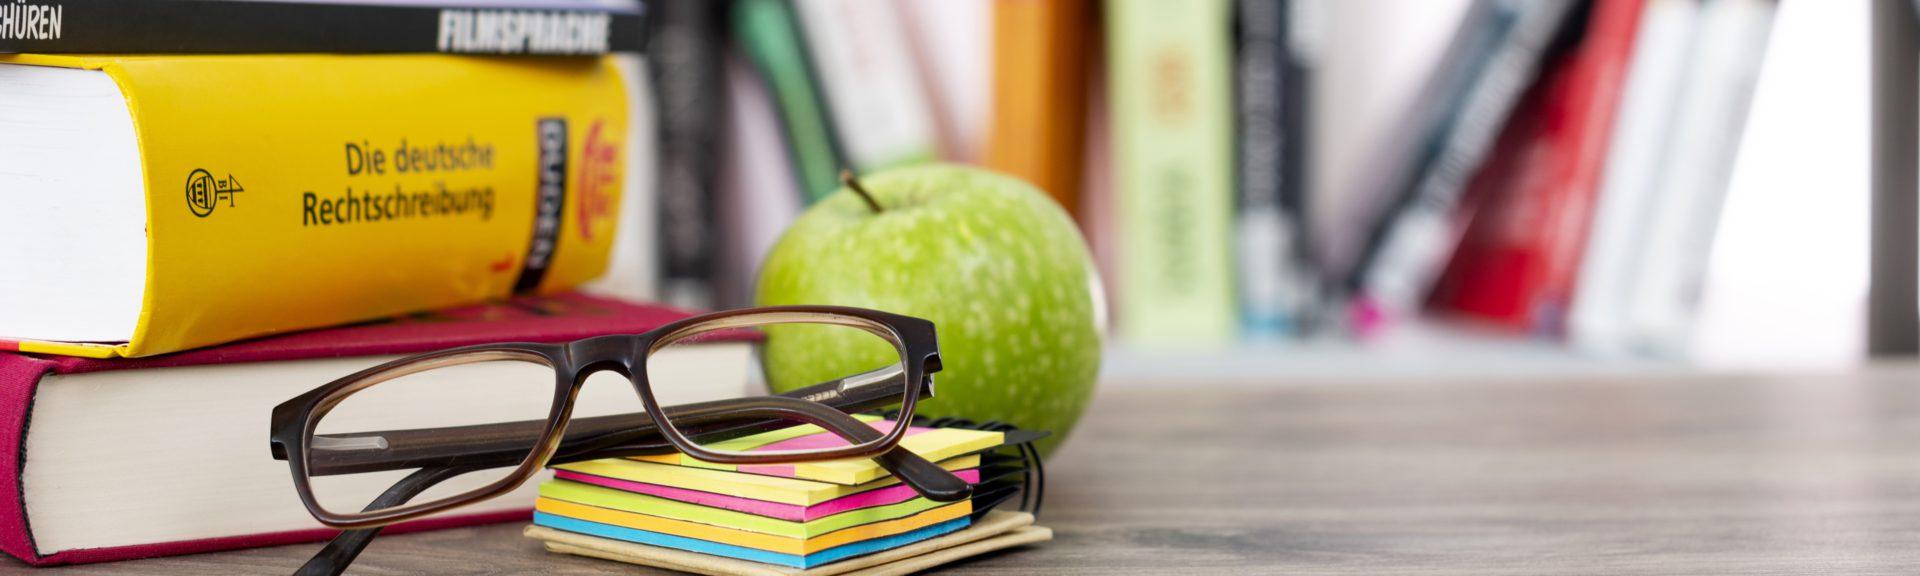 Auf einem Holztisch, der vor einem Bücherregal steht, befinden sich links drei weitere Bücher. Davor befinden sich ein Stapel Haftnotizzettel, eine zusammengeklappte Brille und ein grüner Apfel.